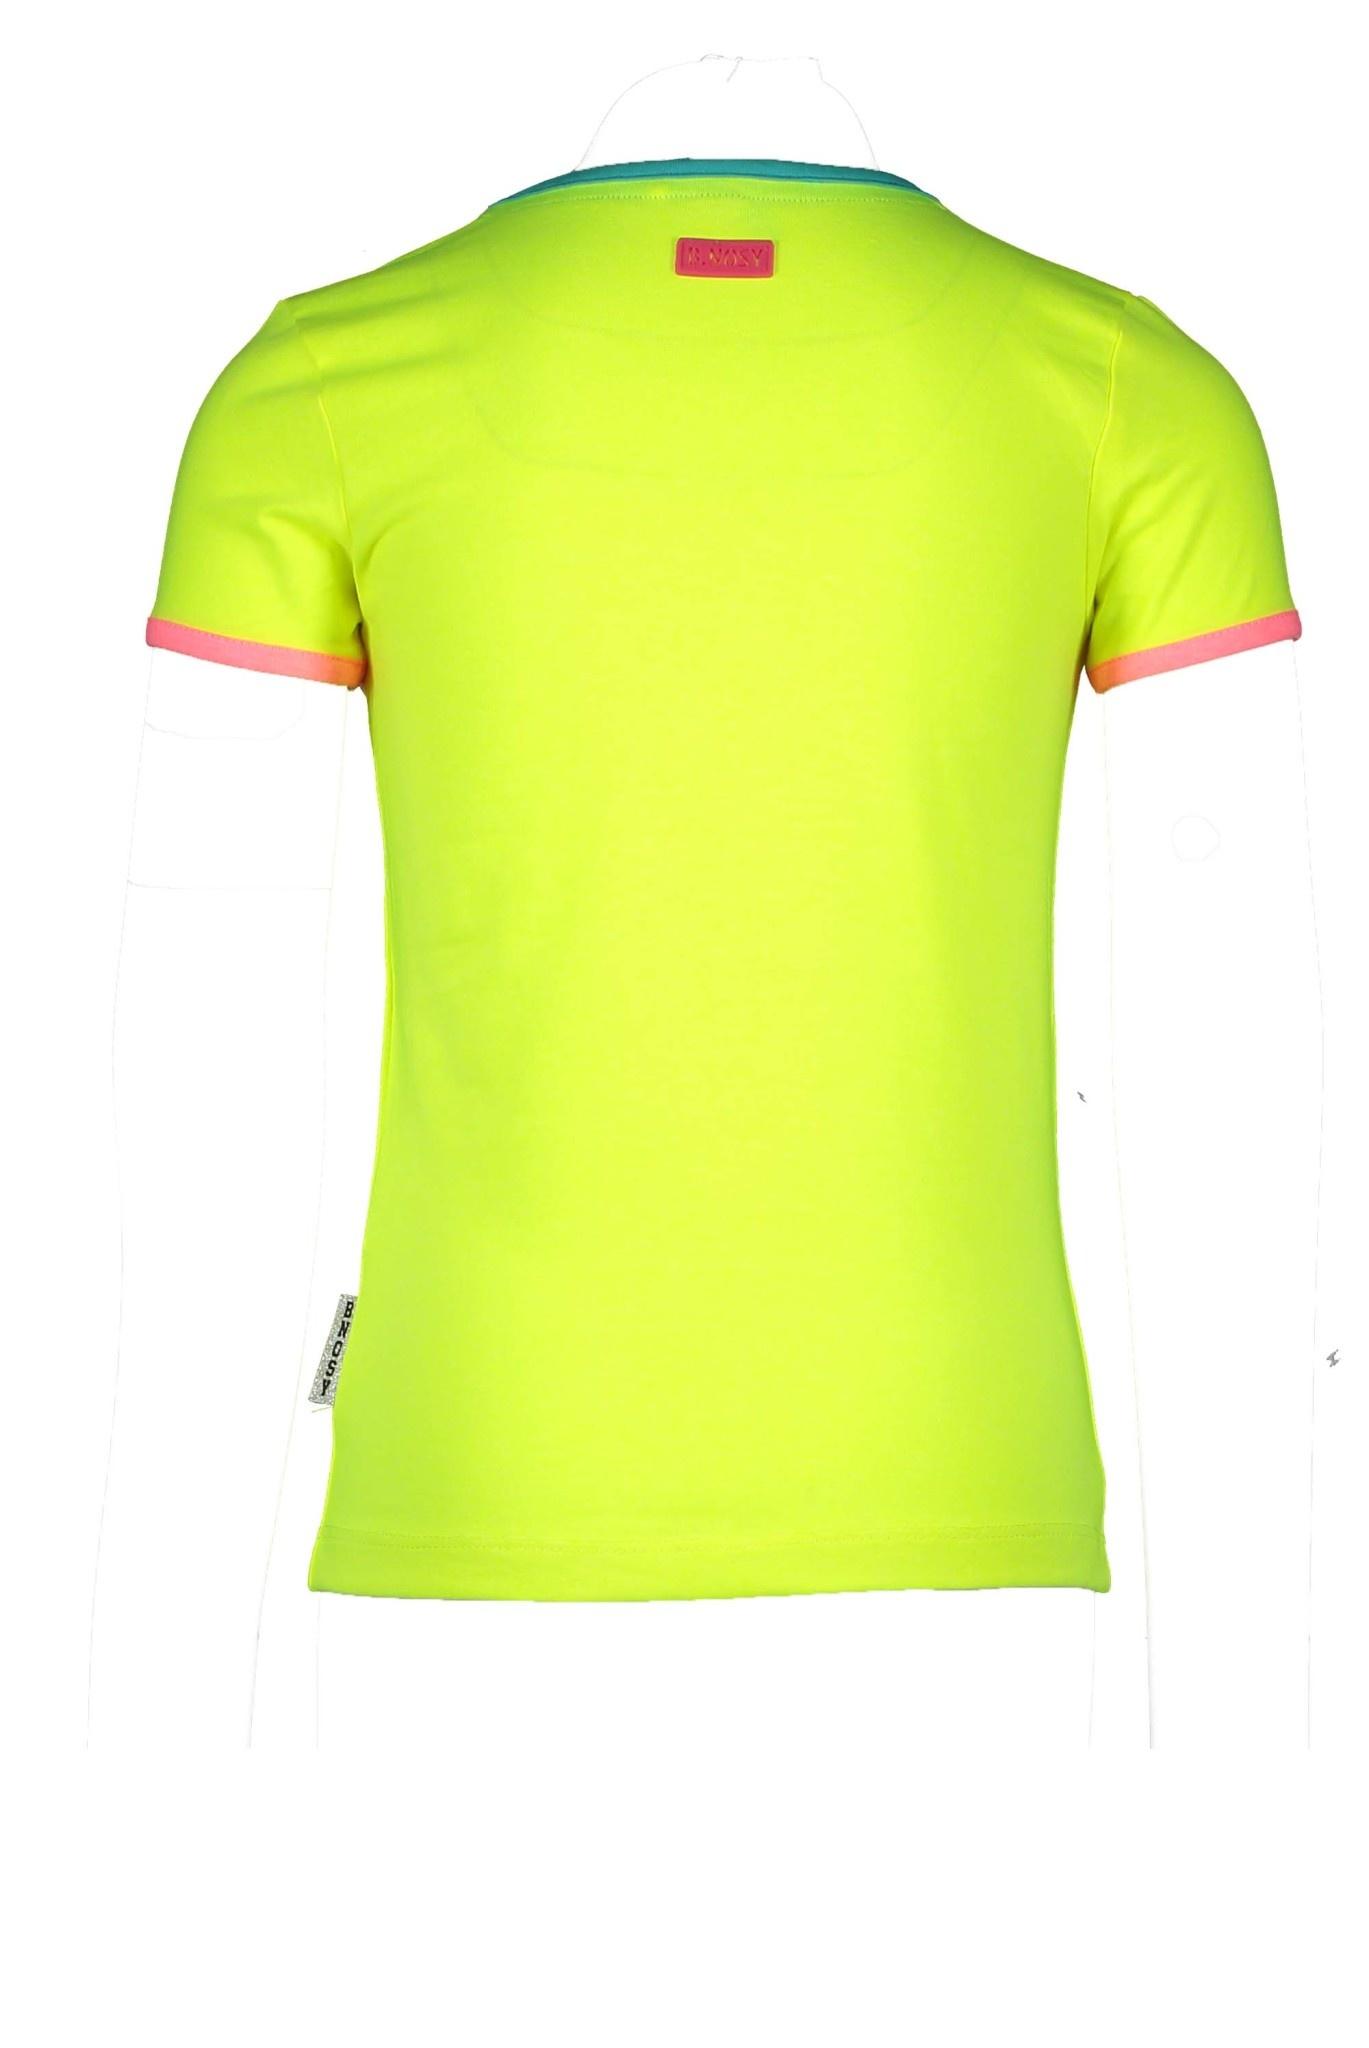 B.Nosy Meisjes Shirt Zig-zag Y002-5461-2